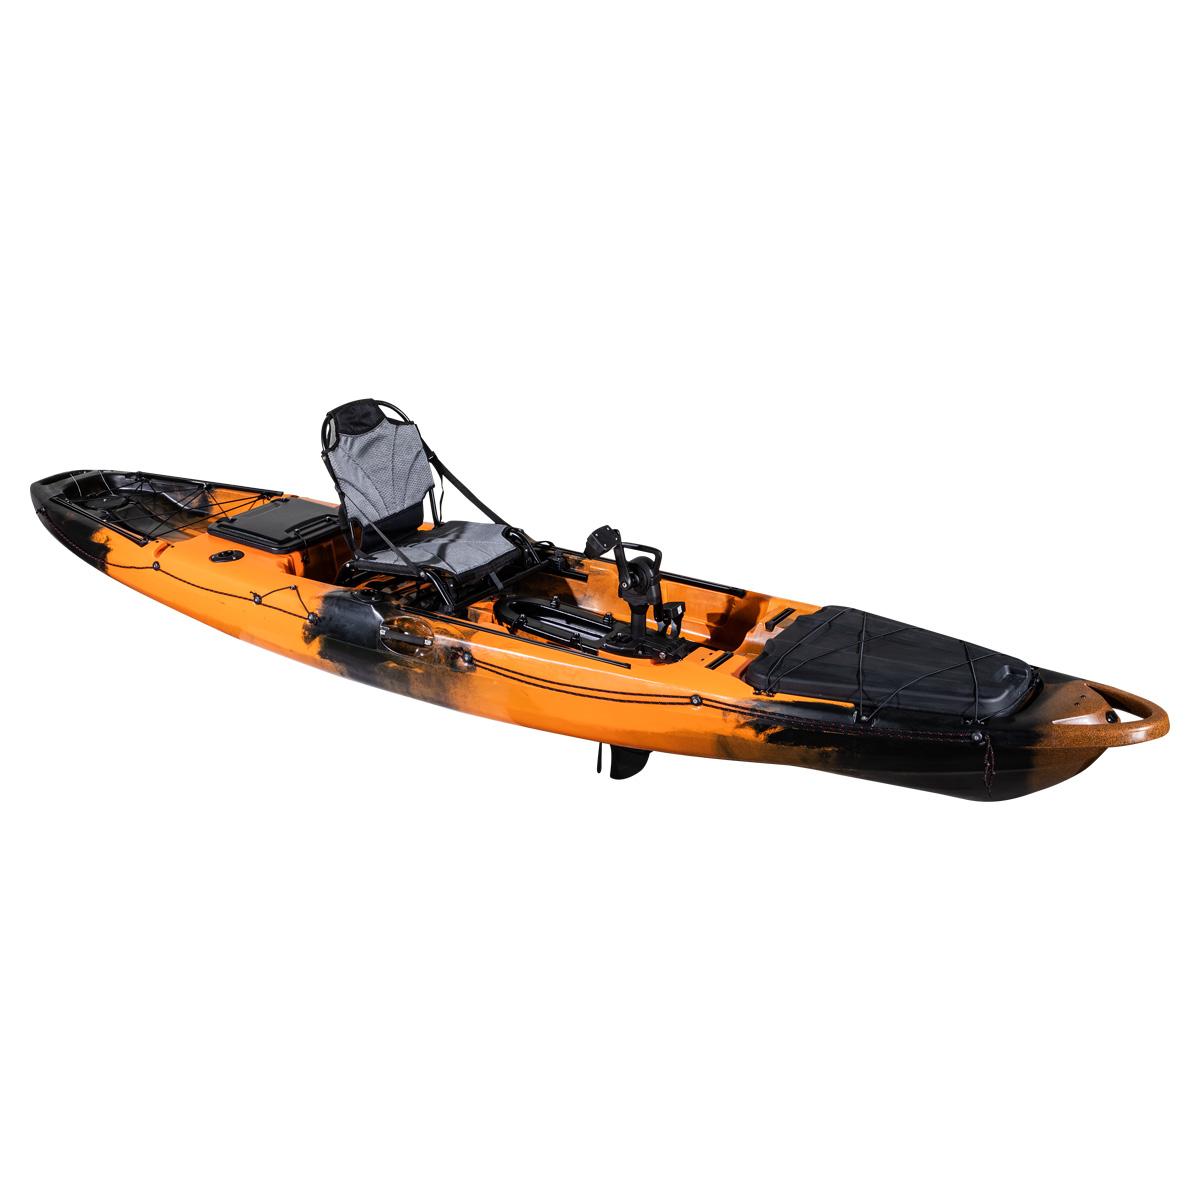 Revolve 13 Pedal Fishing Kayak Flame